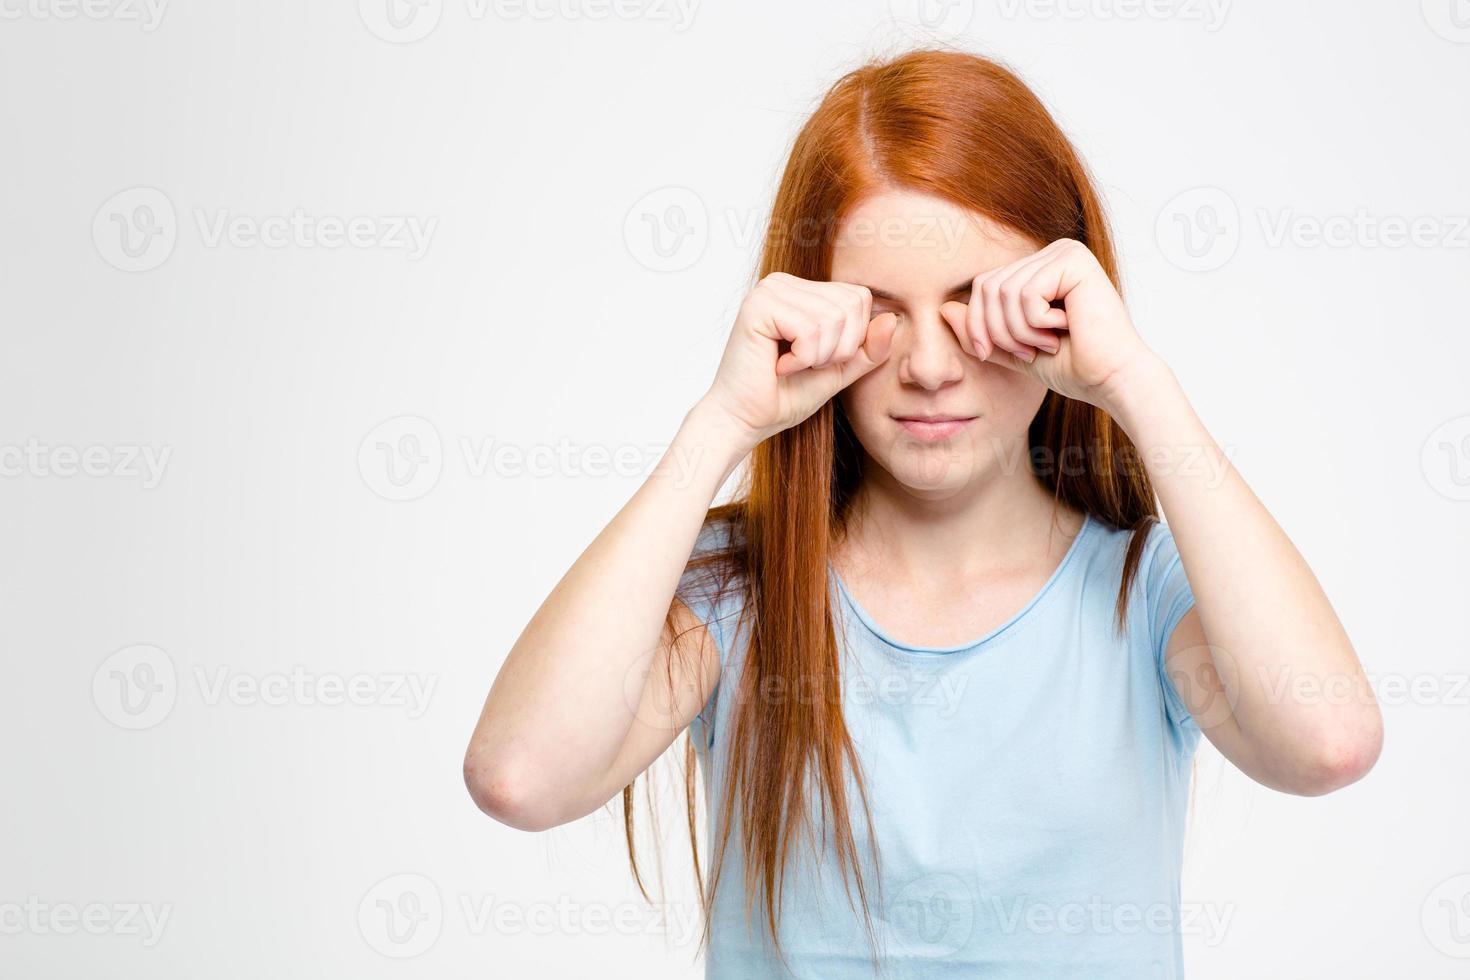 slaperig moe jonge vrouw haar ogen wrijven door handen foto